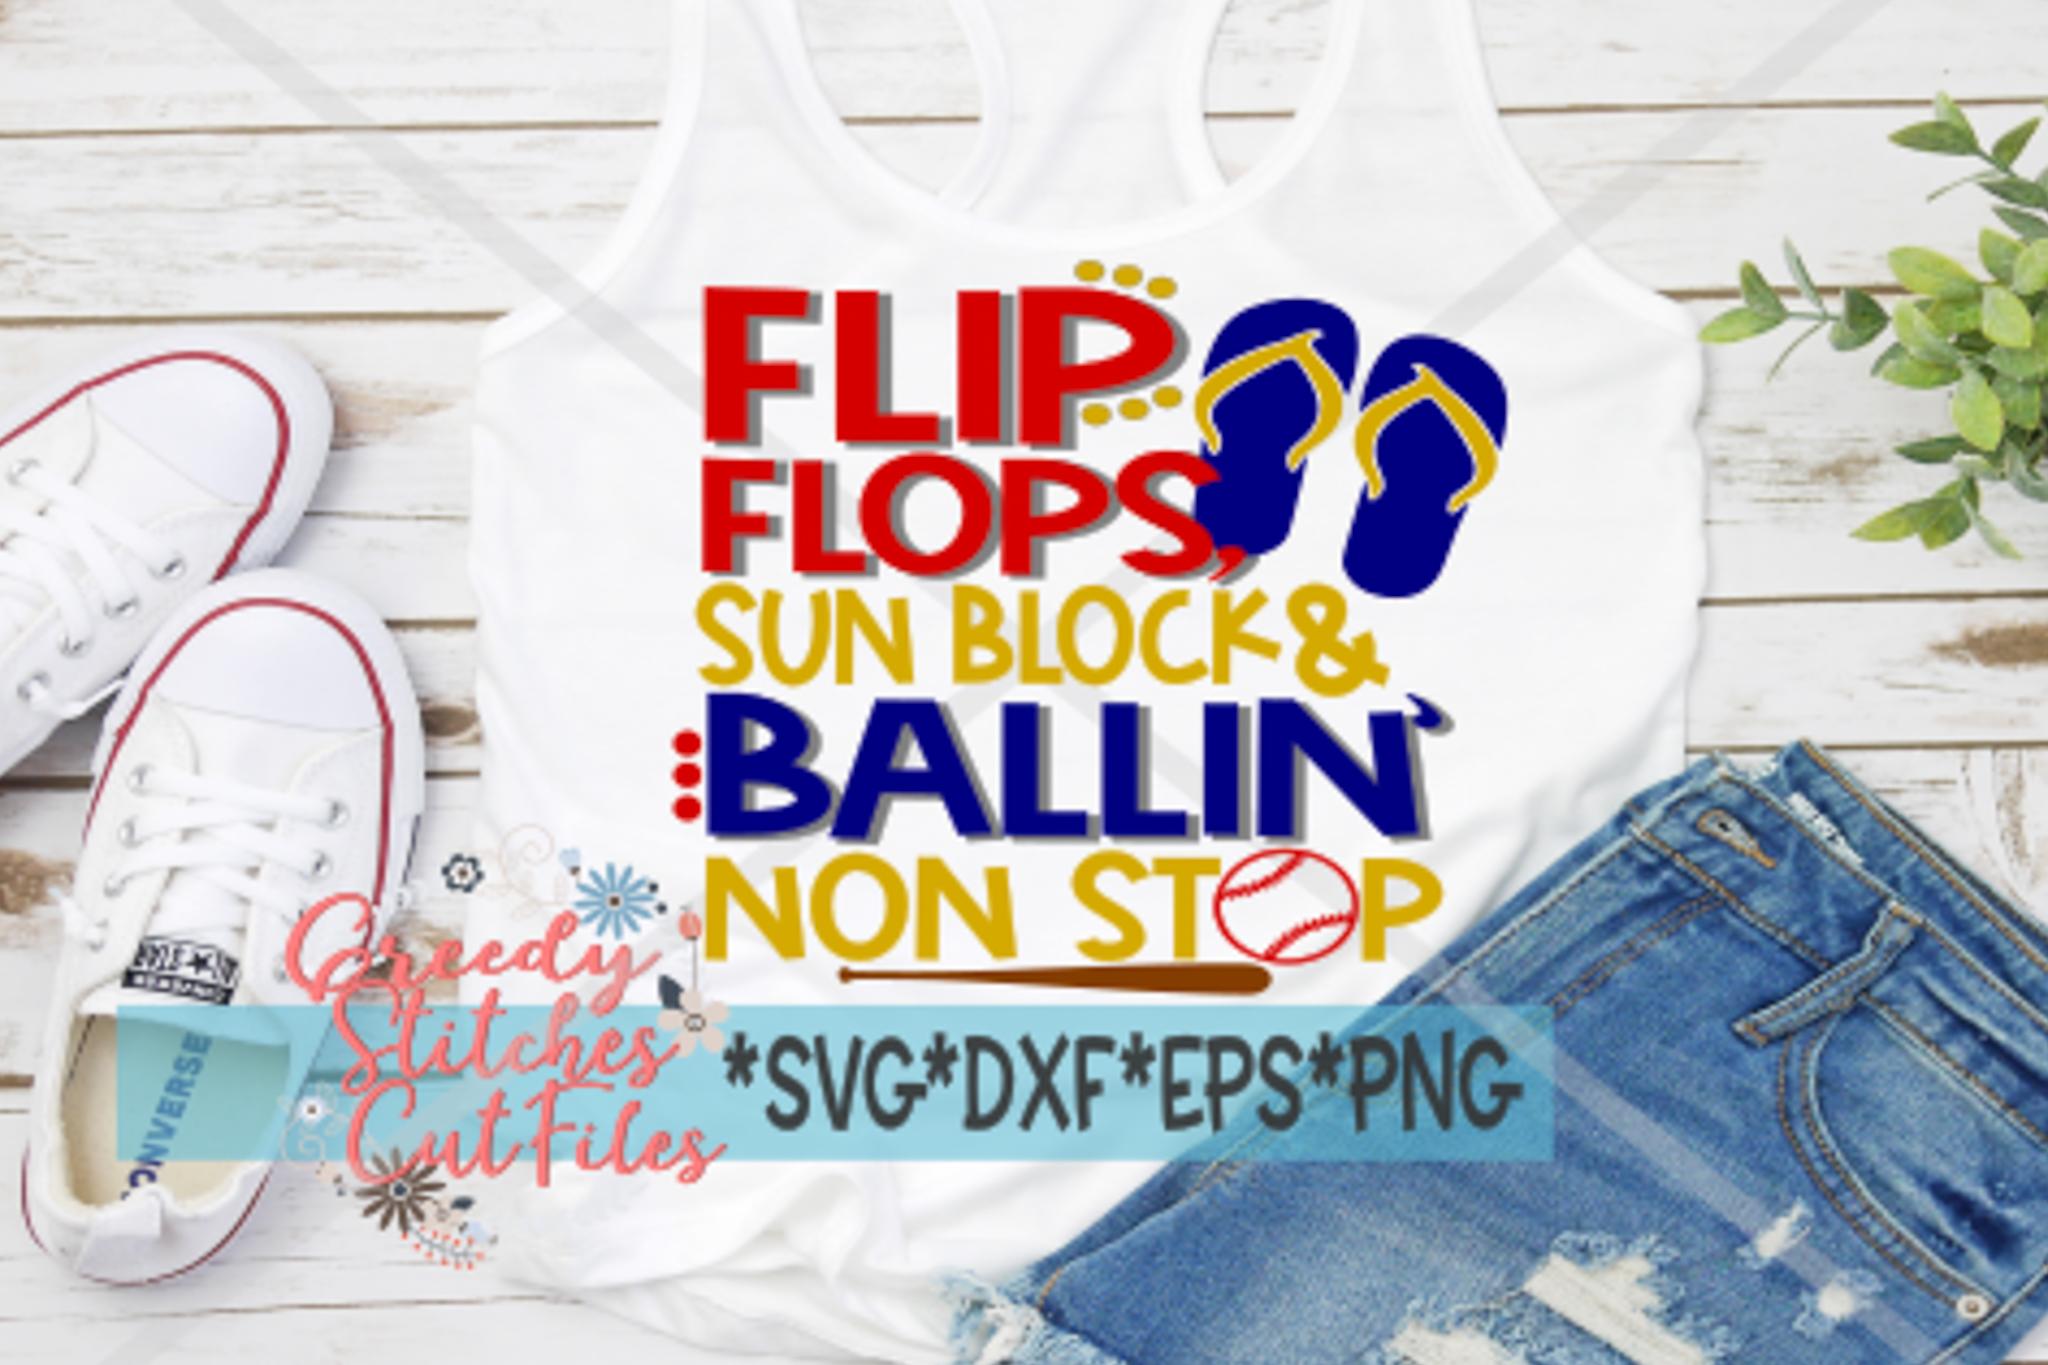 Flip Flops Sun Block Ballin' Non Stop SVG Baseball Softball example image 3